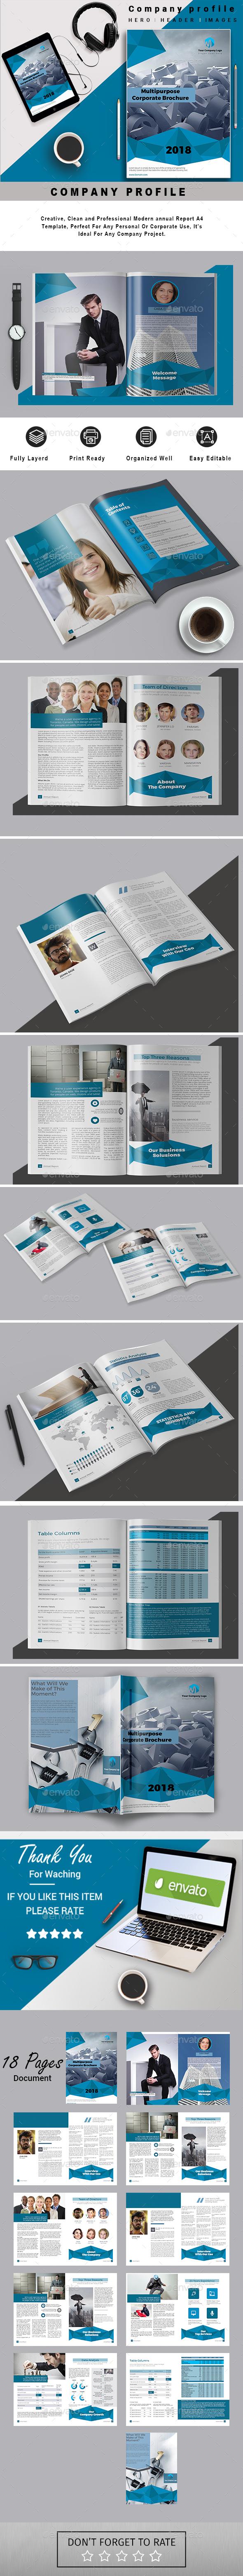 A4 Multipurpose Corporate Brochure #22 - Corporate Brochures